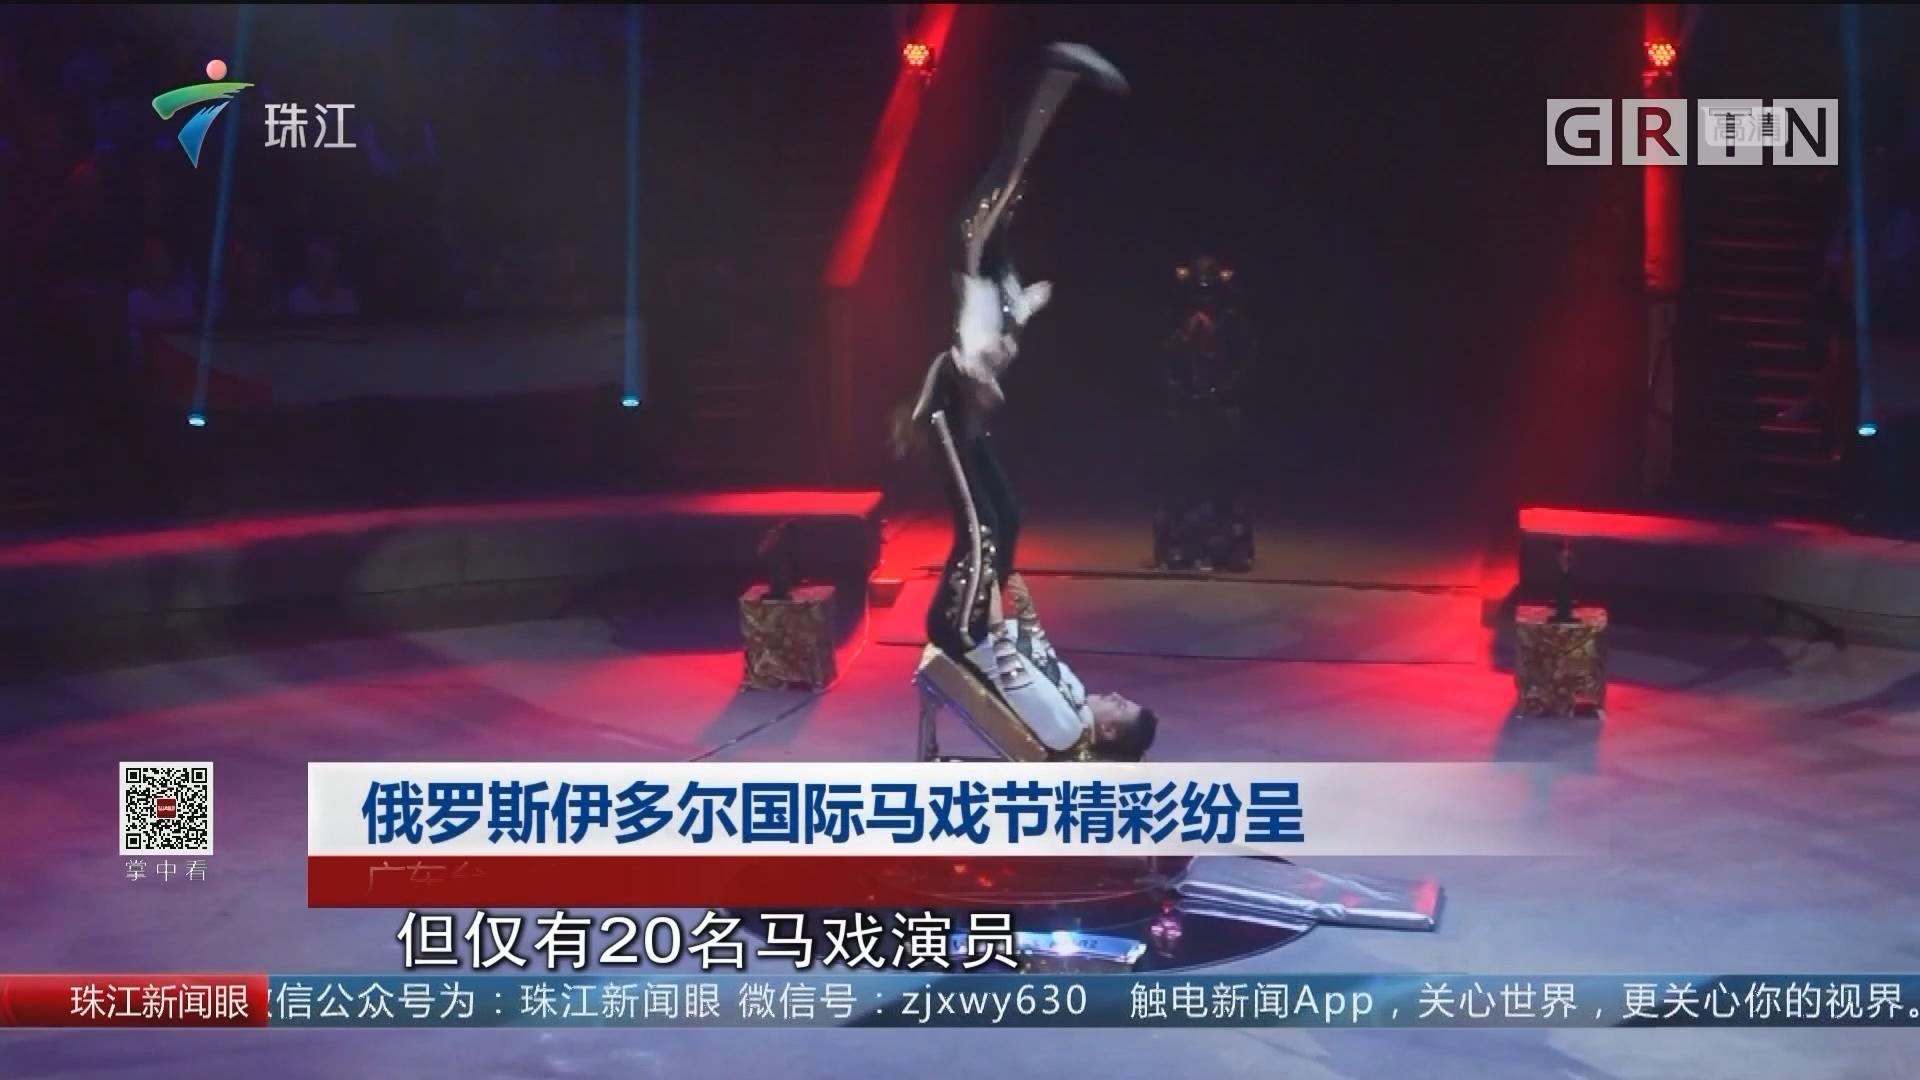 俄罗斯伊多尔国际马戏节精彩纷呈